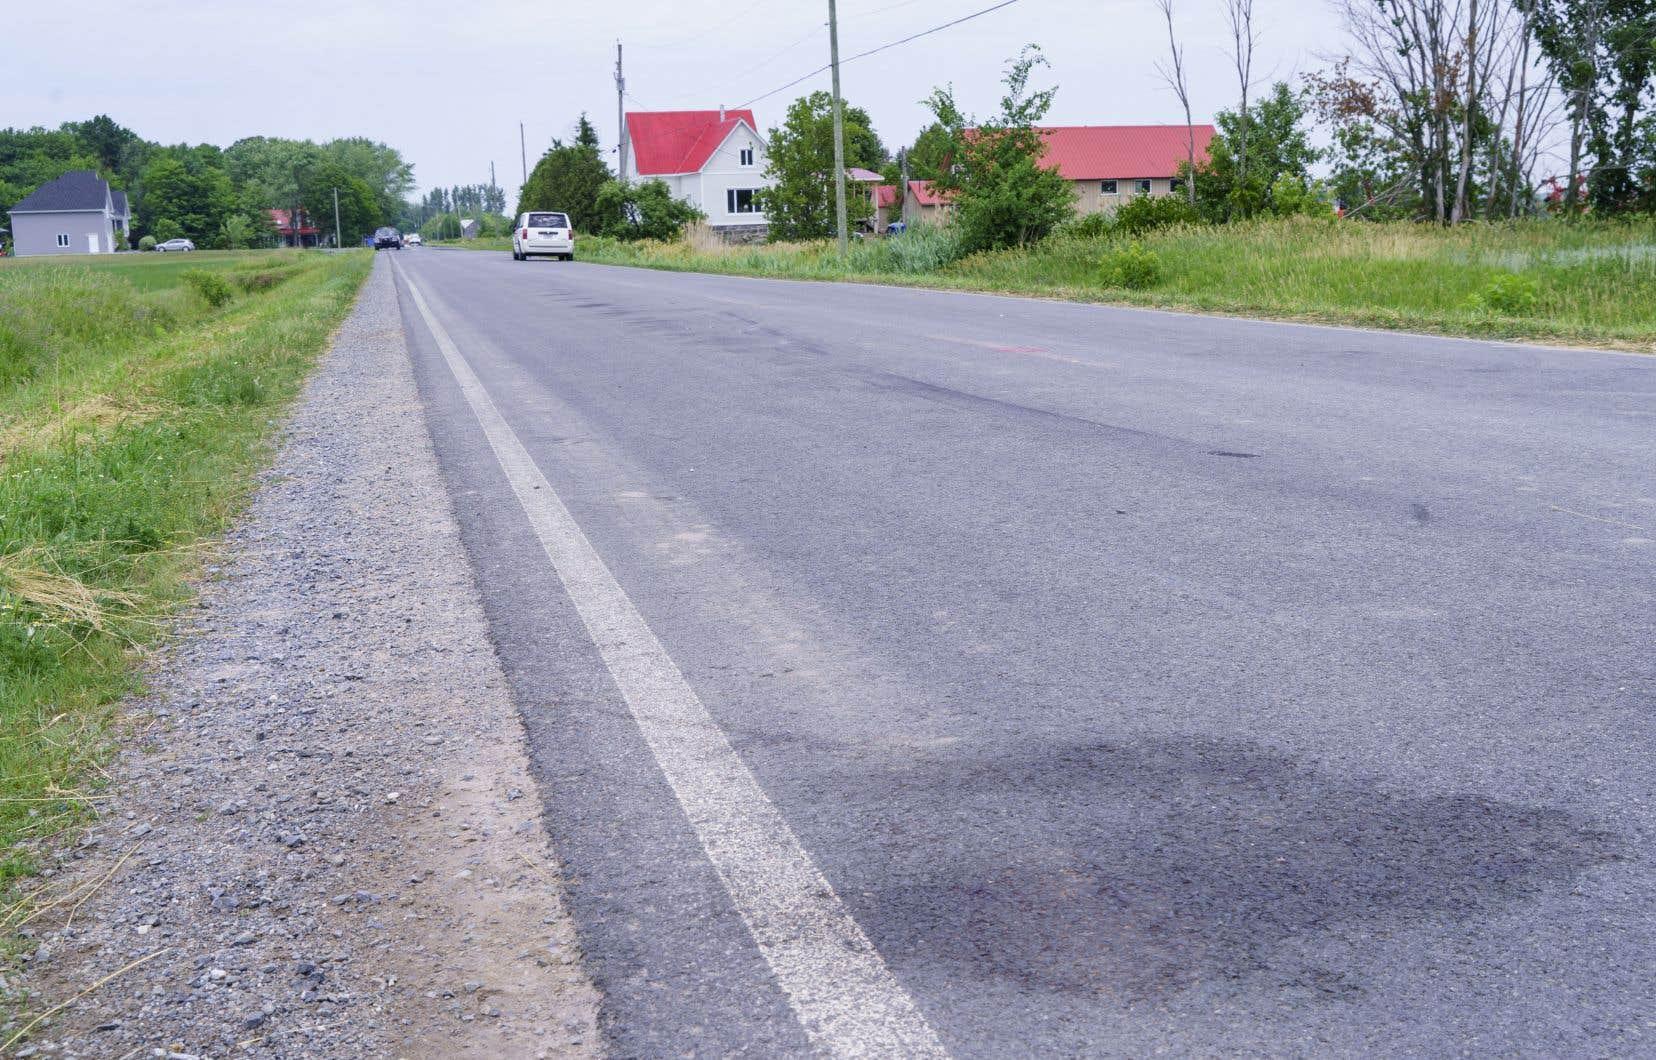 L'accident s'est produit peu avant 19h00 sur le rang Sainte-Anne, àNotre-Dame-de-Stanbridge.